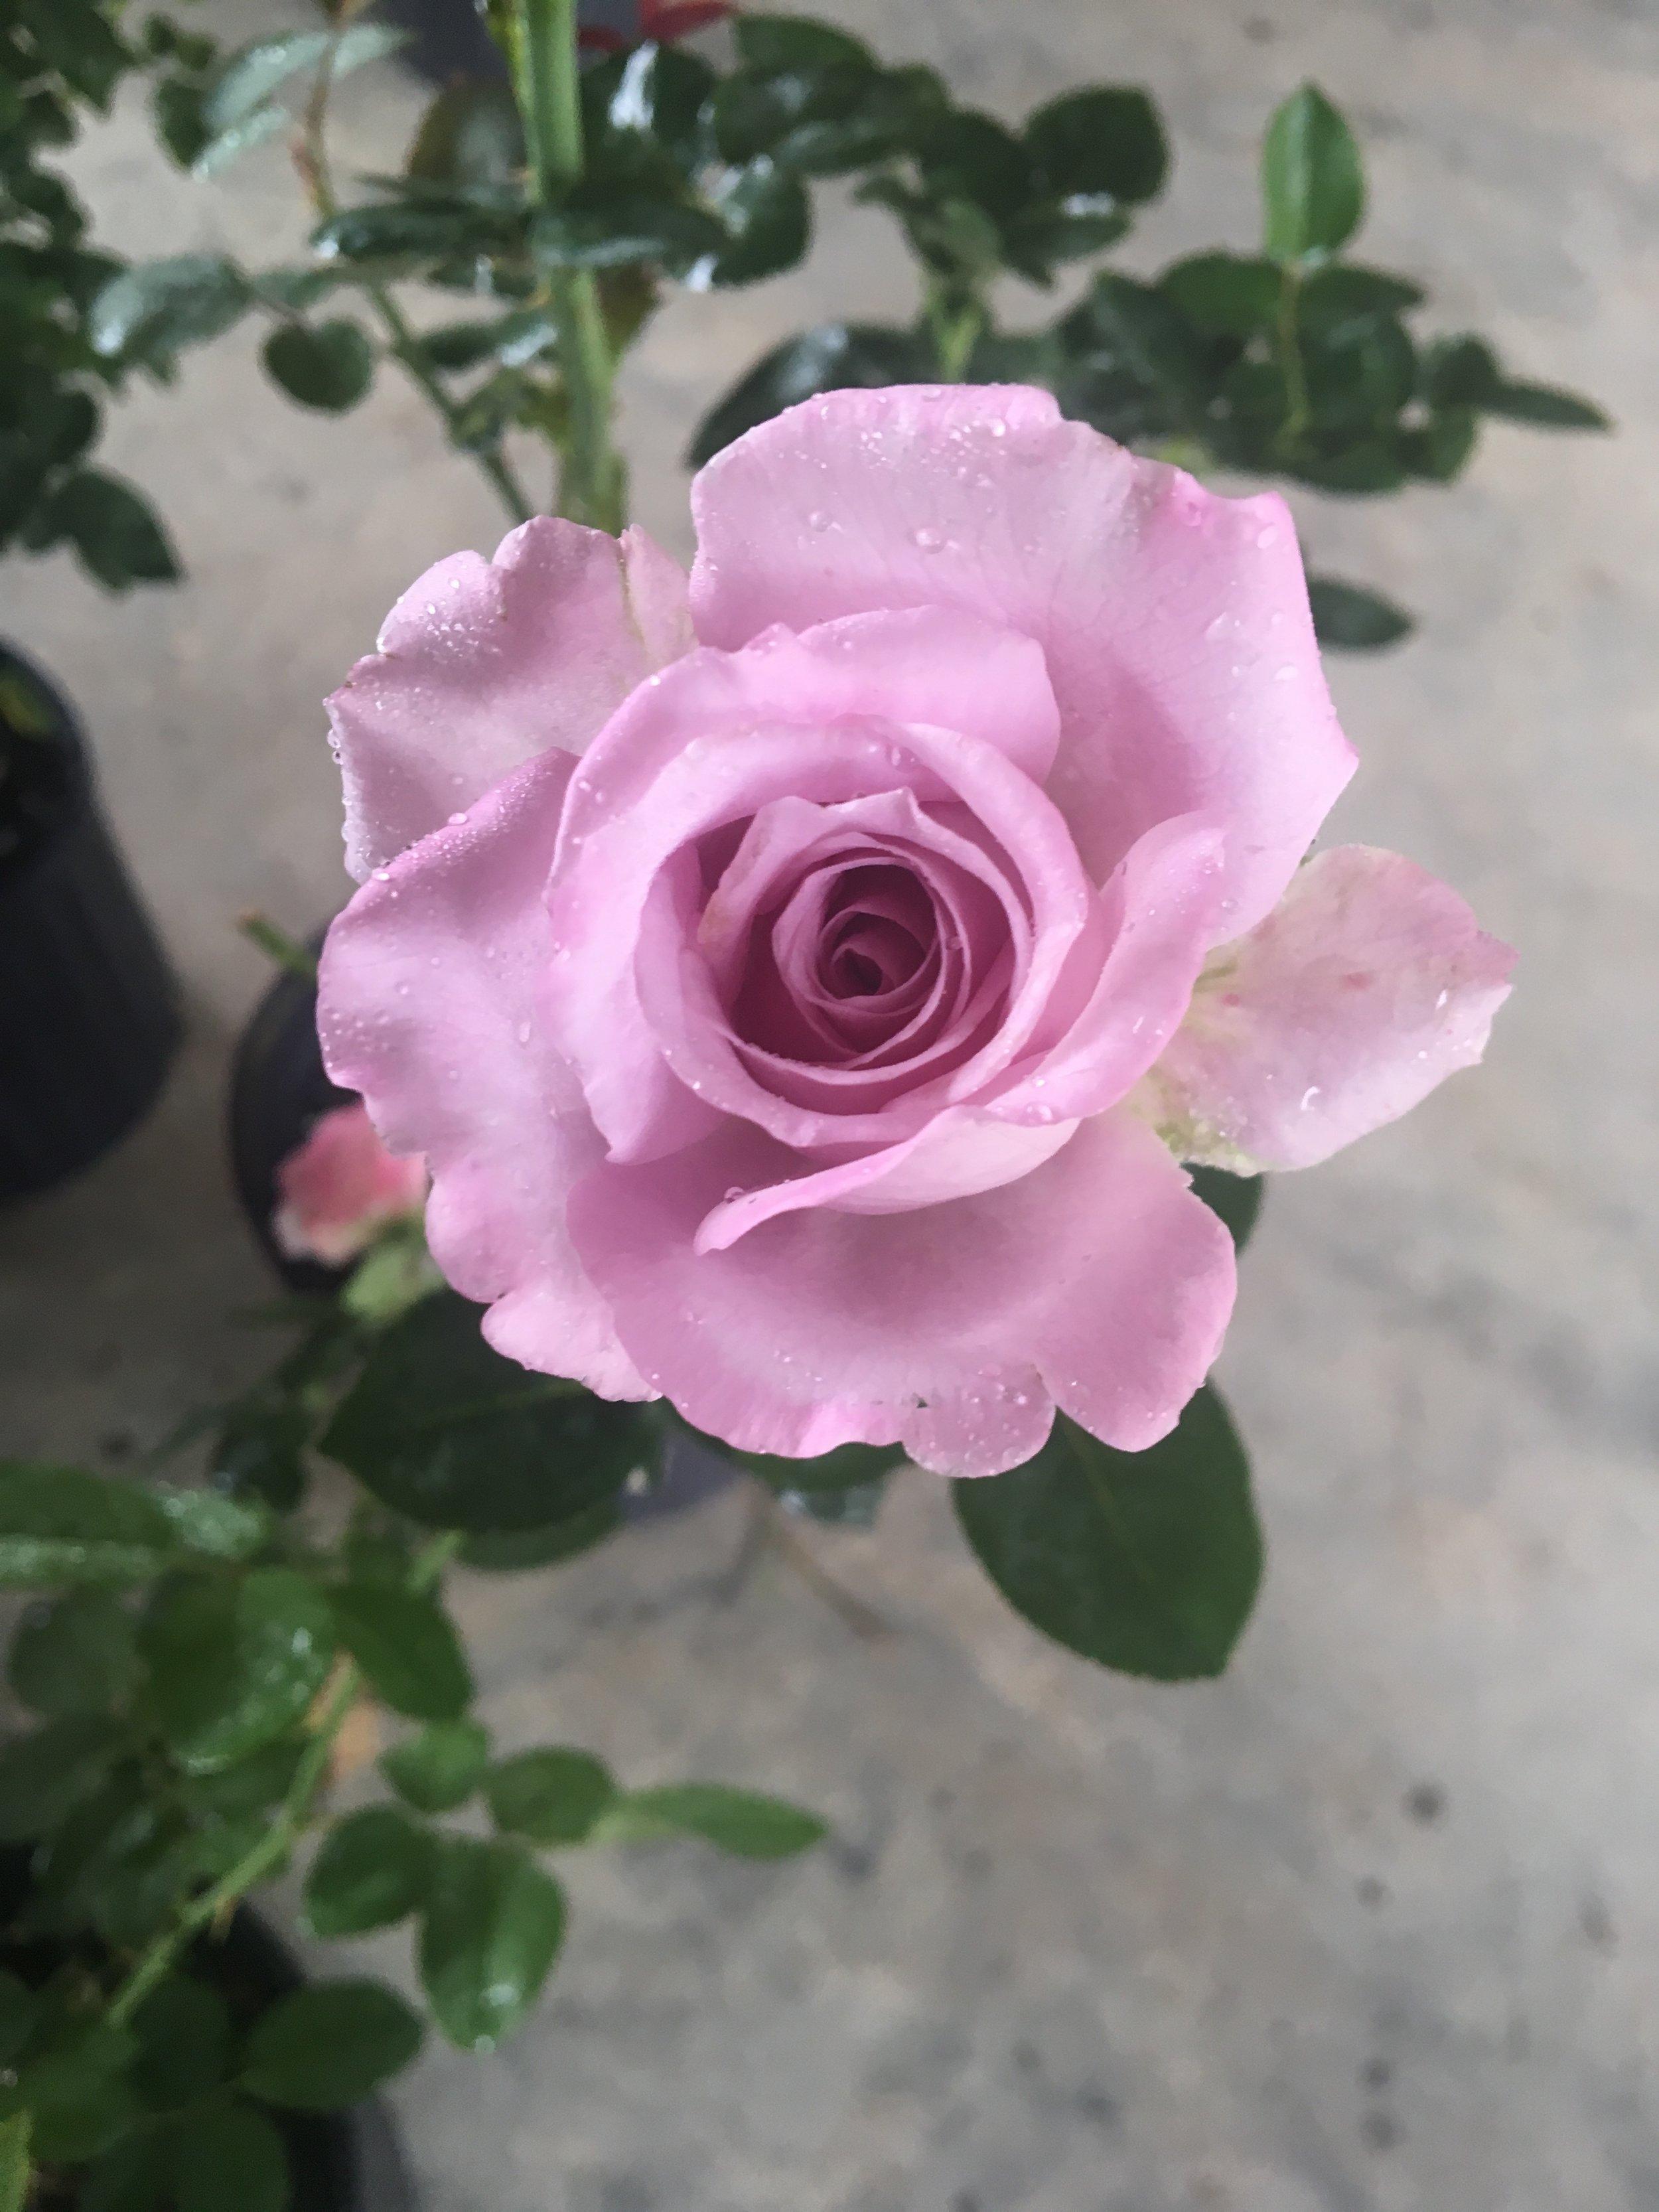 Phantasy M Nursery Blue Girl Roses Blue Girl Rose Gardenweb Blue Girl Or Hybrid Teas K houzz-03 Blue Girl Rose